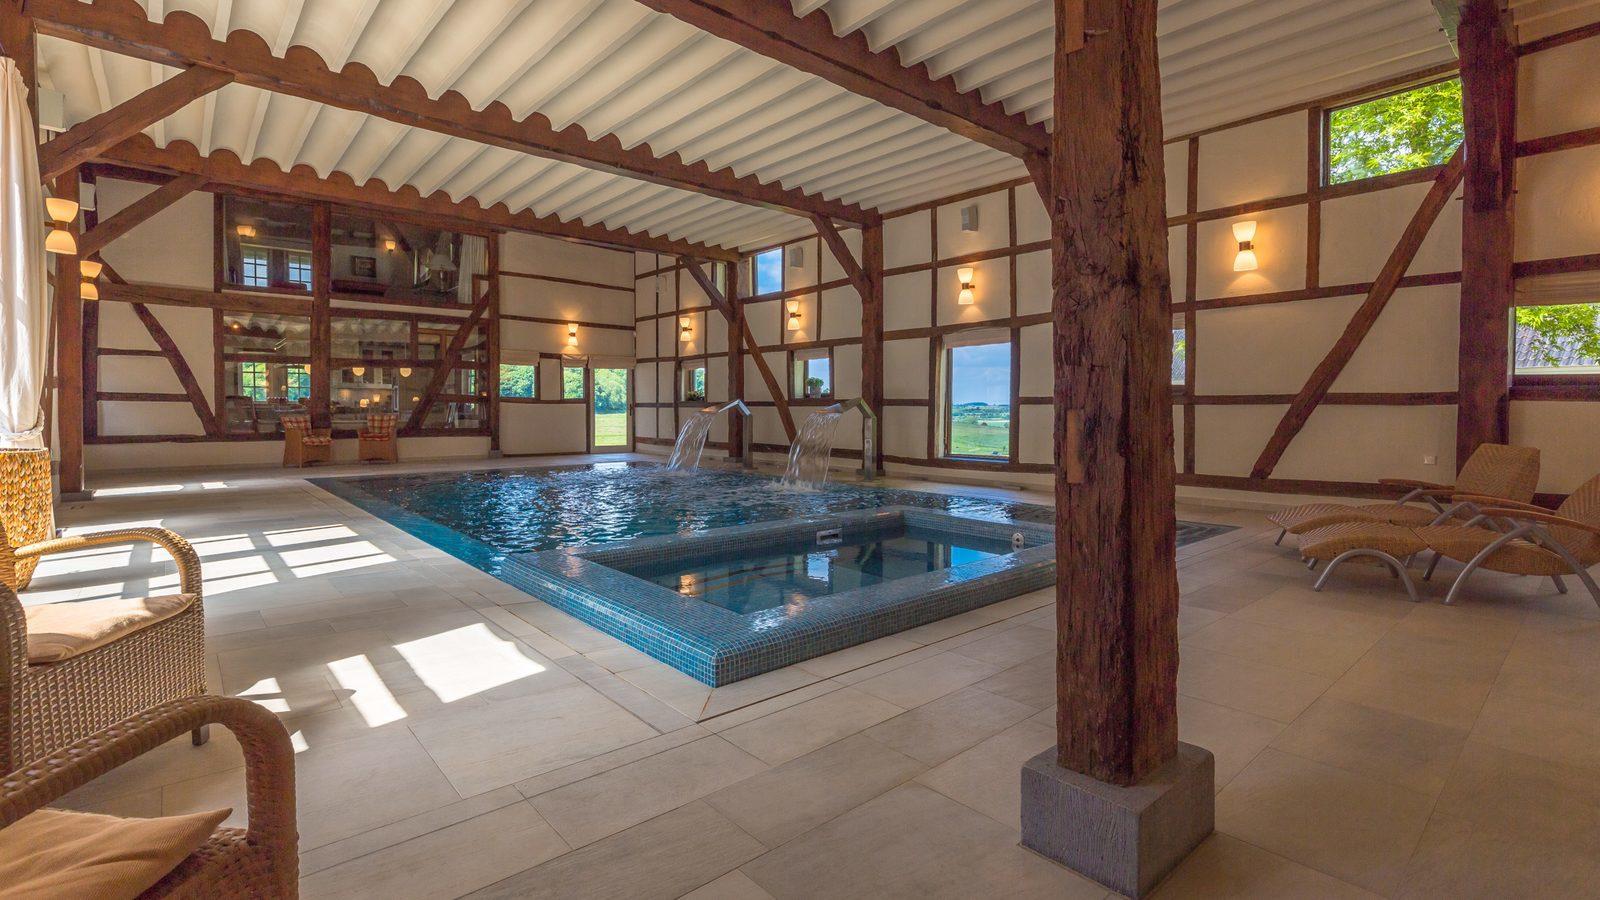 Nederland, Limburg, luxe vakantiehuis met binnenzwembad en jacuzzi, groot vakantiehuis, weekendje weg